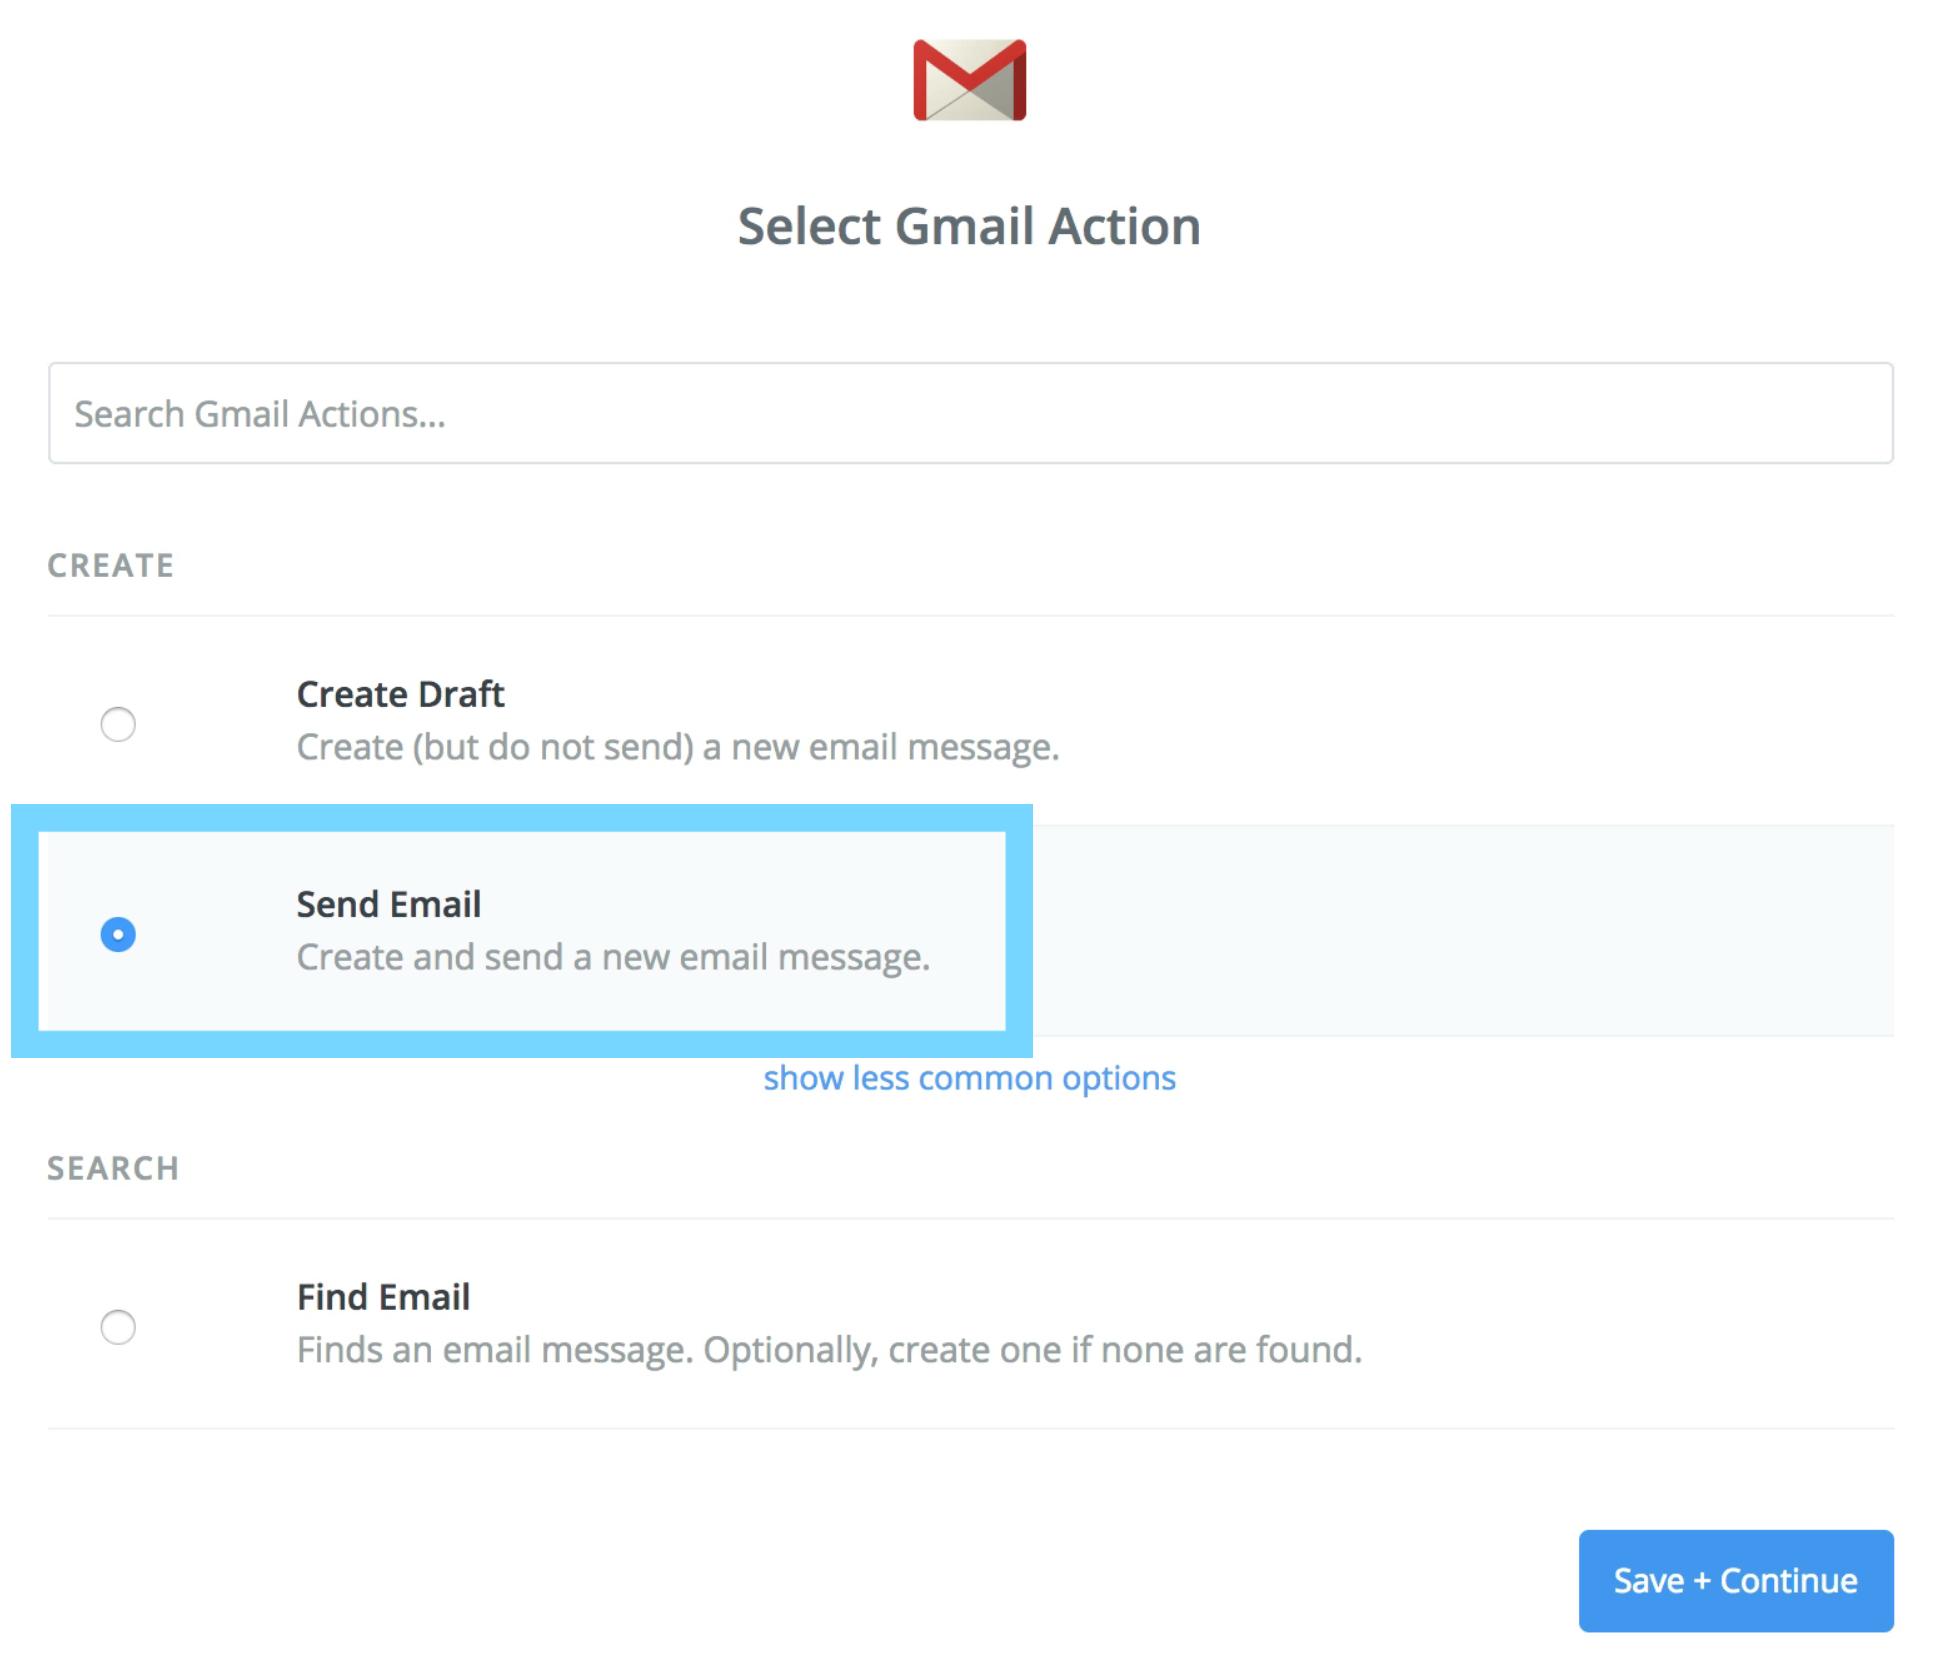 「Select Gmail Action」でアクションを選択する